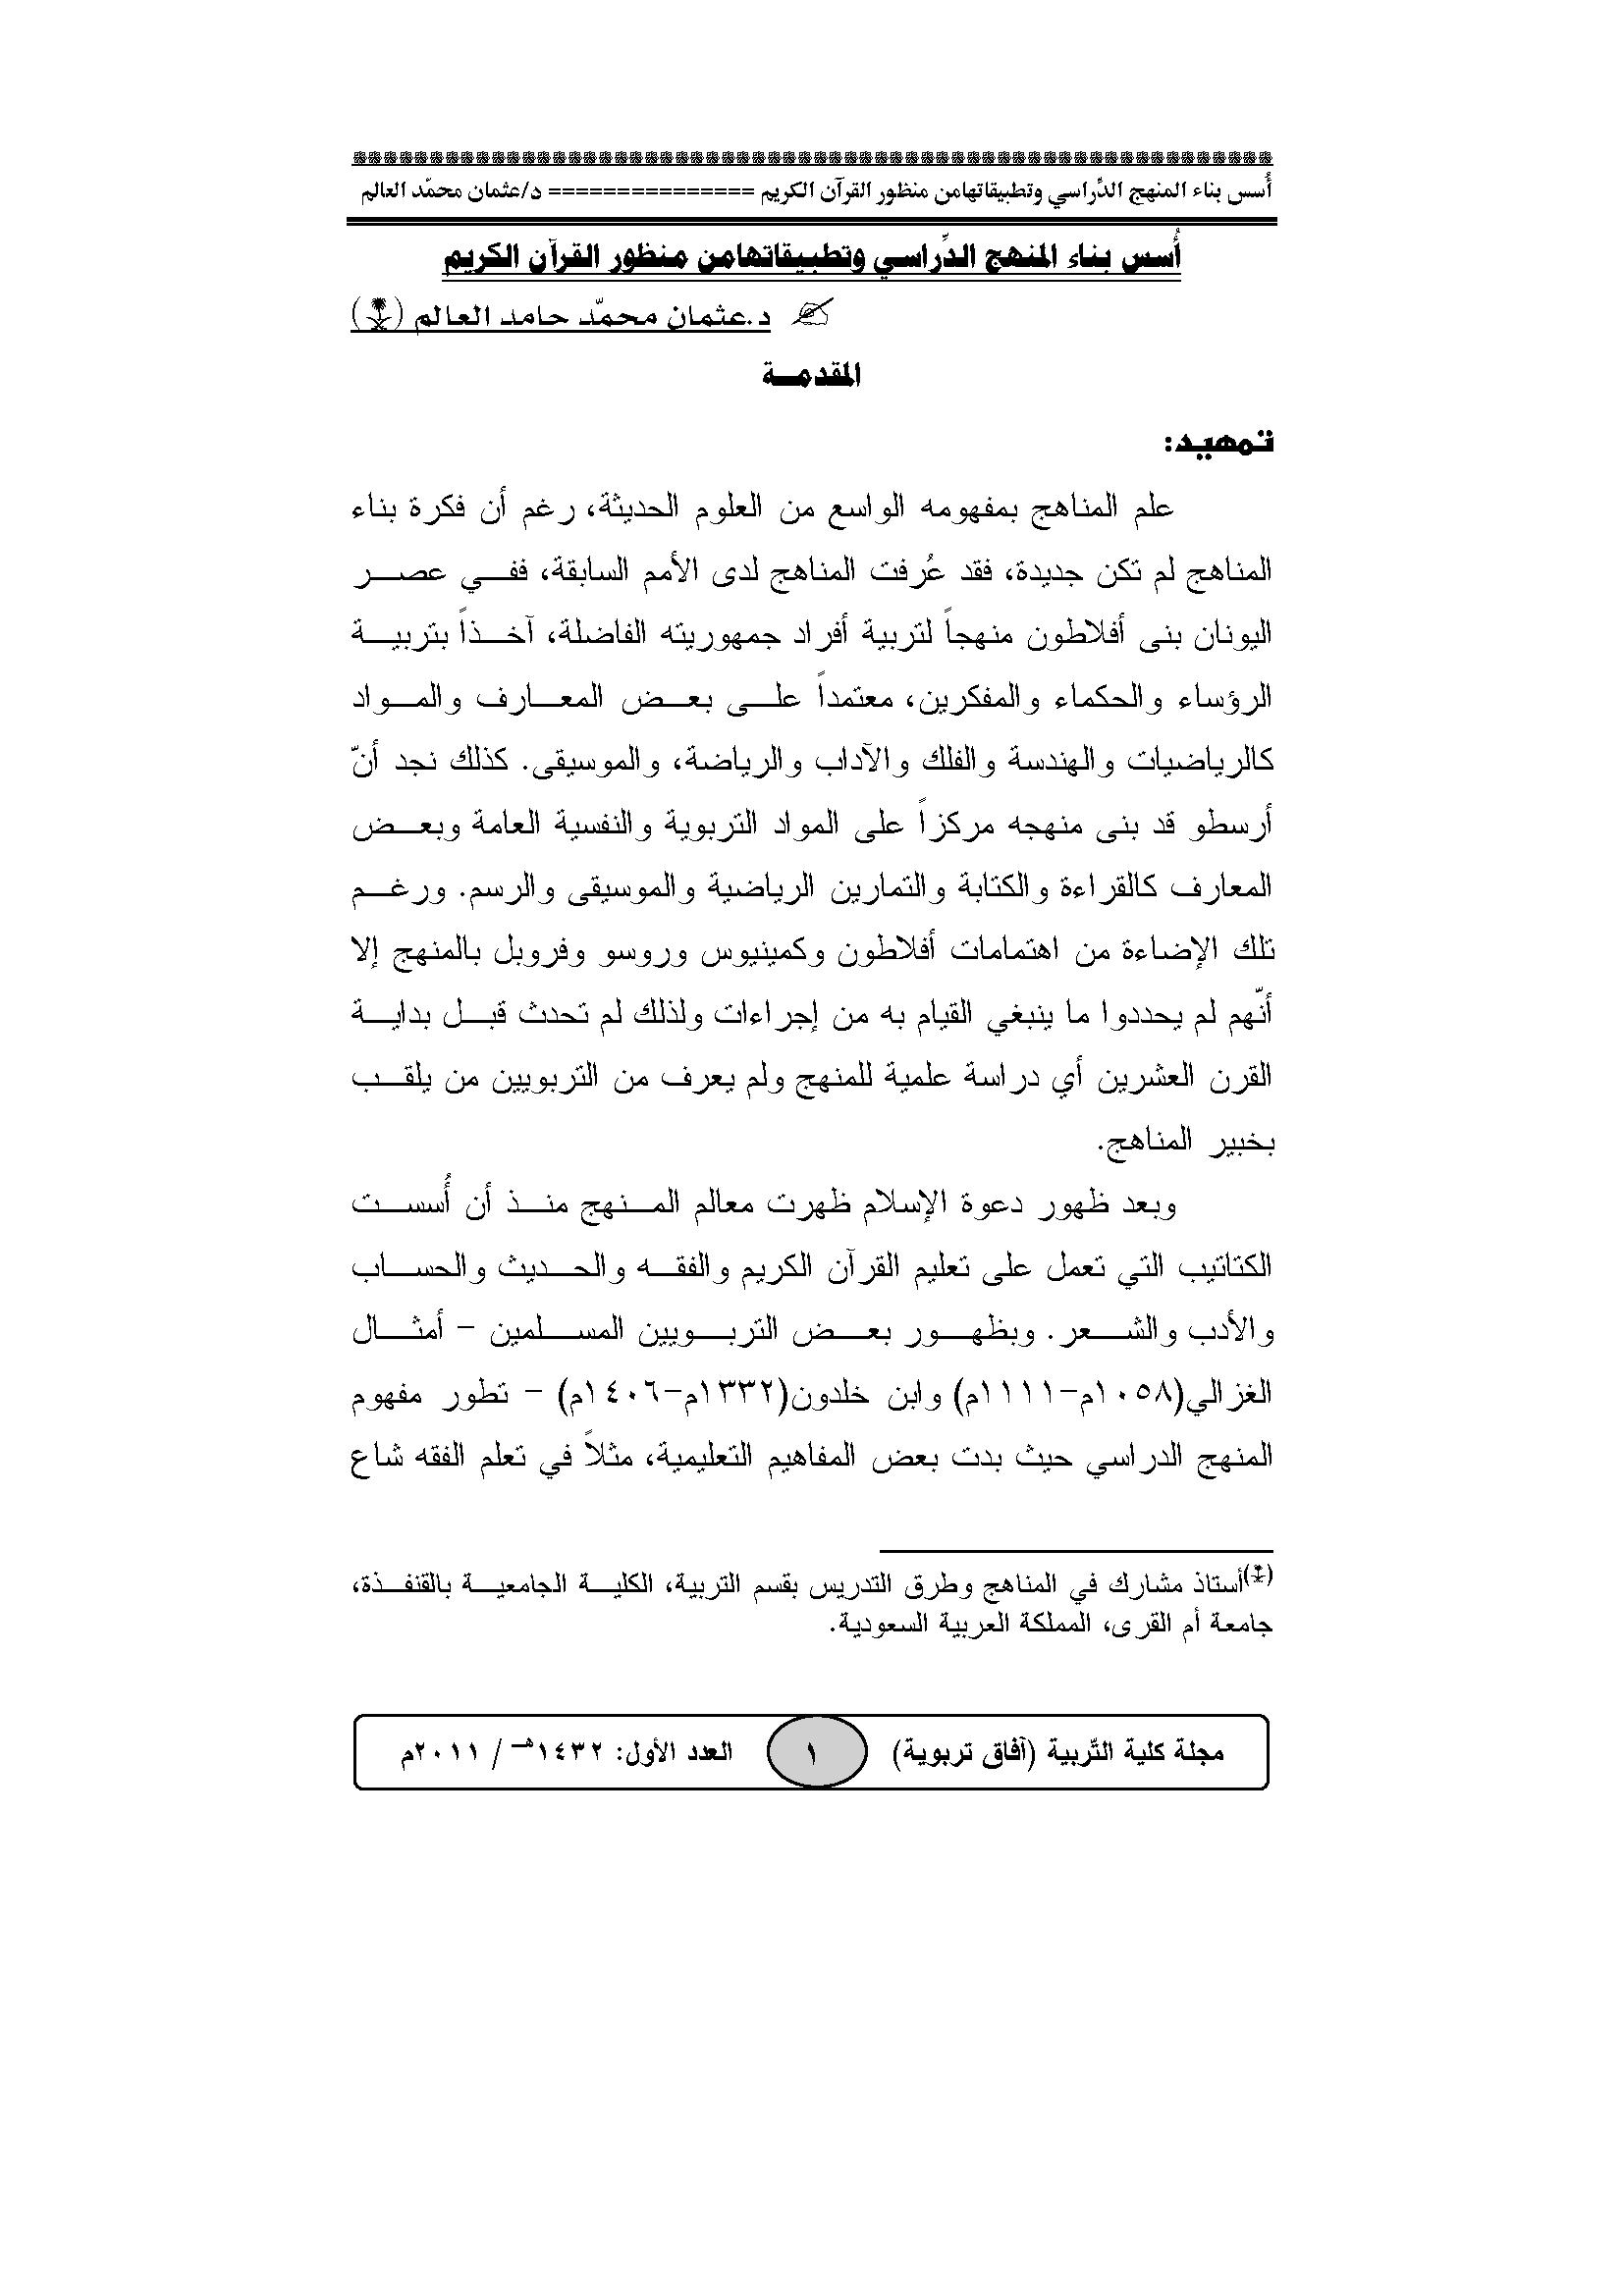 تحميل كتاب أسس بناء المنهج الدراسي وتطبيقاتها من منظور القرآن الكريم لـِ: الدكتور عثمان محمد حامد العالم